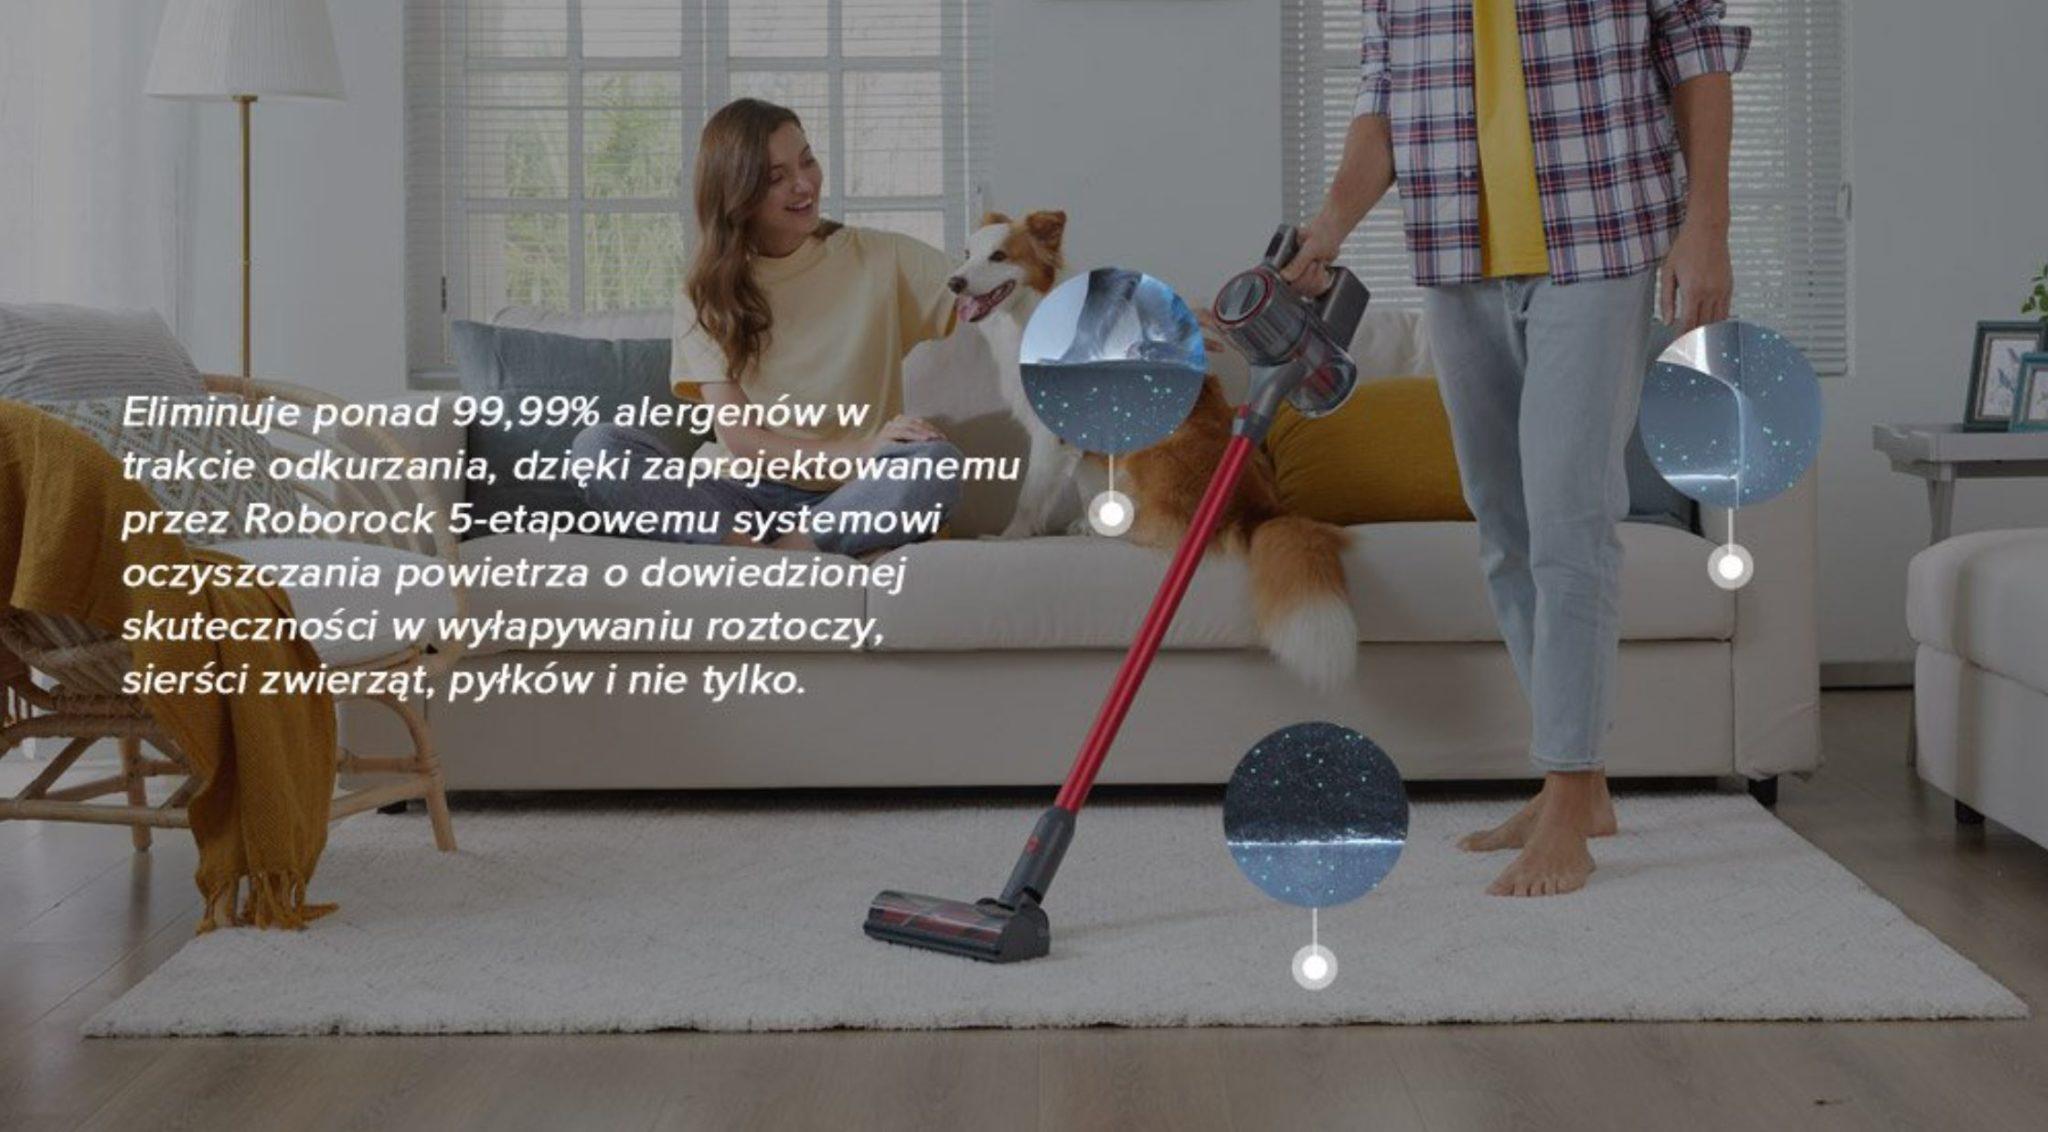 Roborock H7 w promocji geekbuying.pl - walka z roztoczami - odkurzacz dla alergików